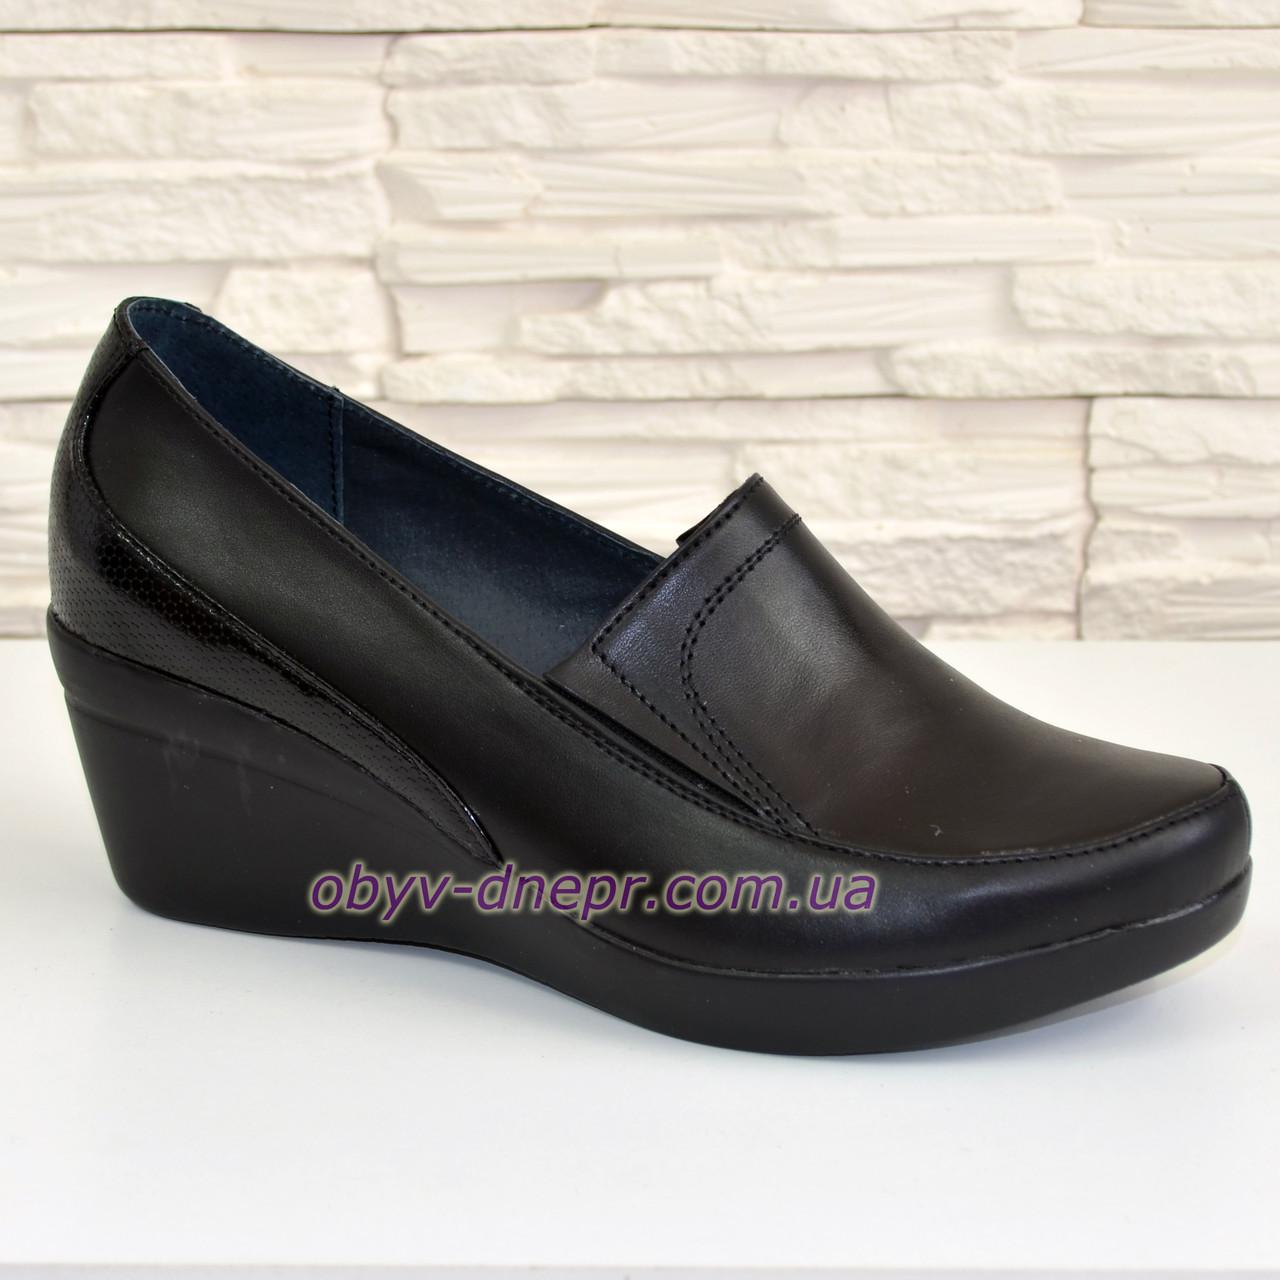 Туфли женские черные кожаные на невысокой танкетке.